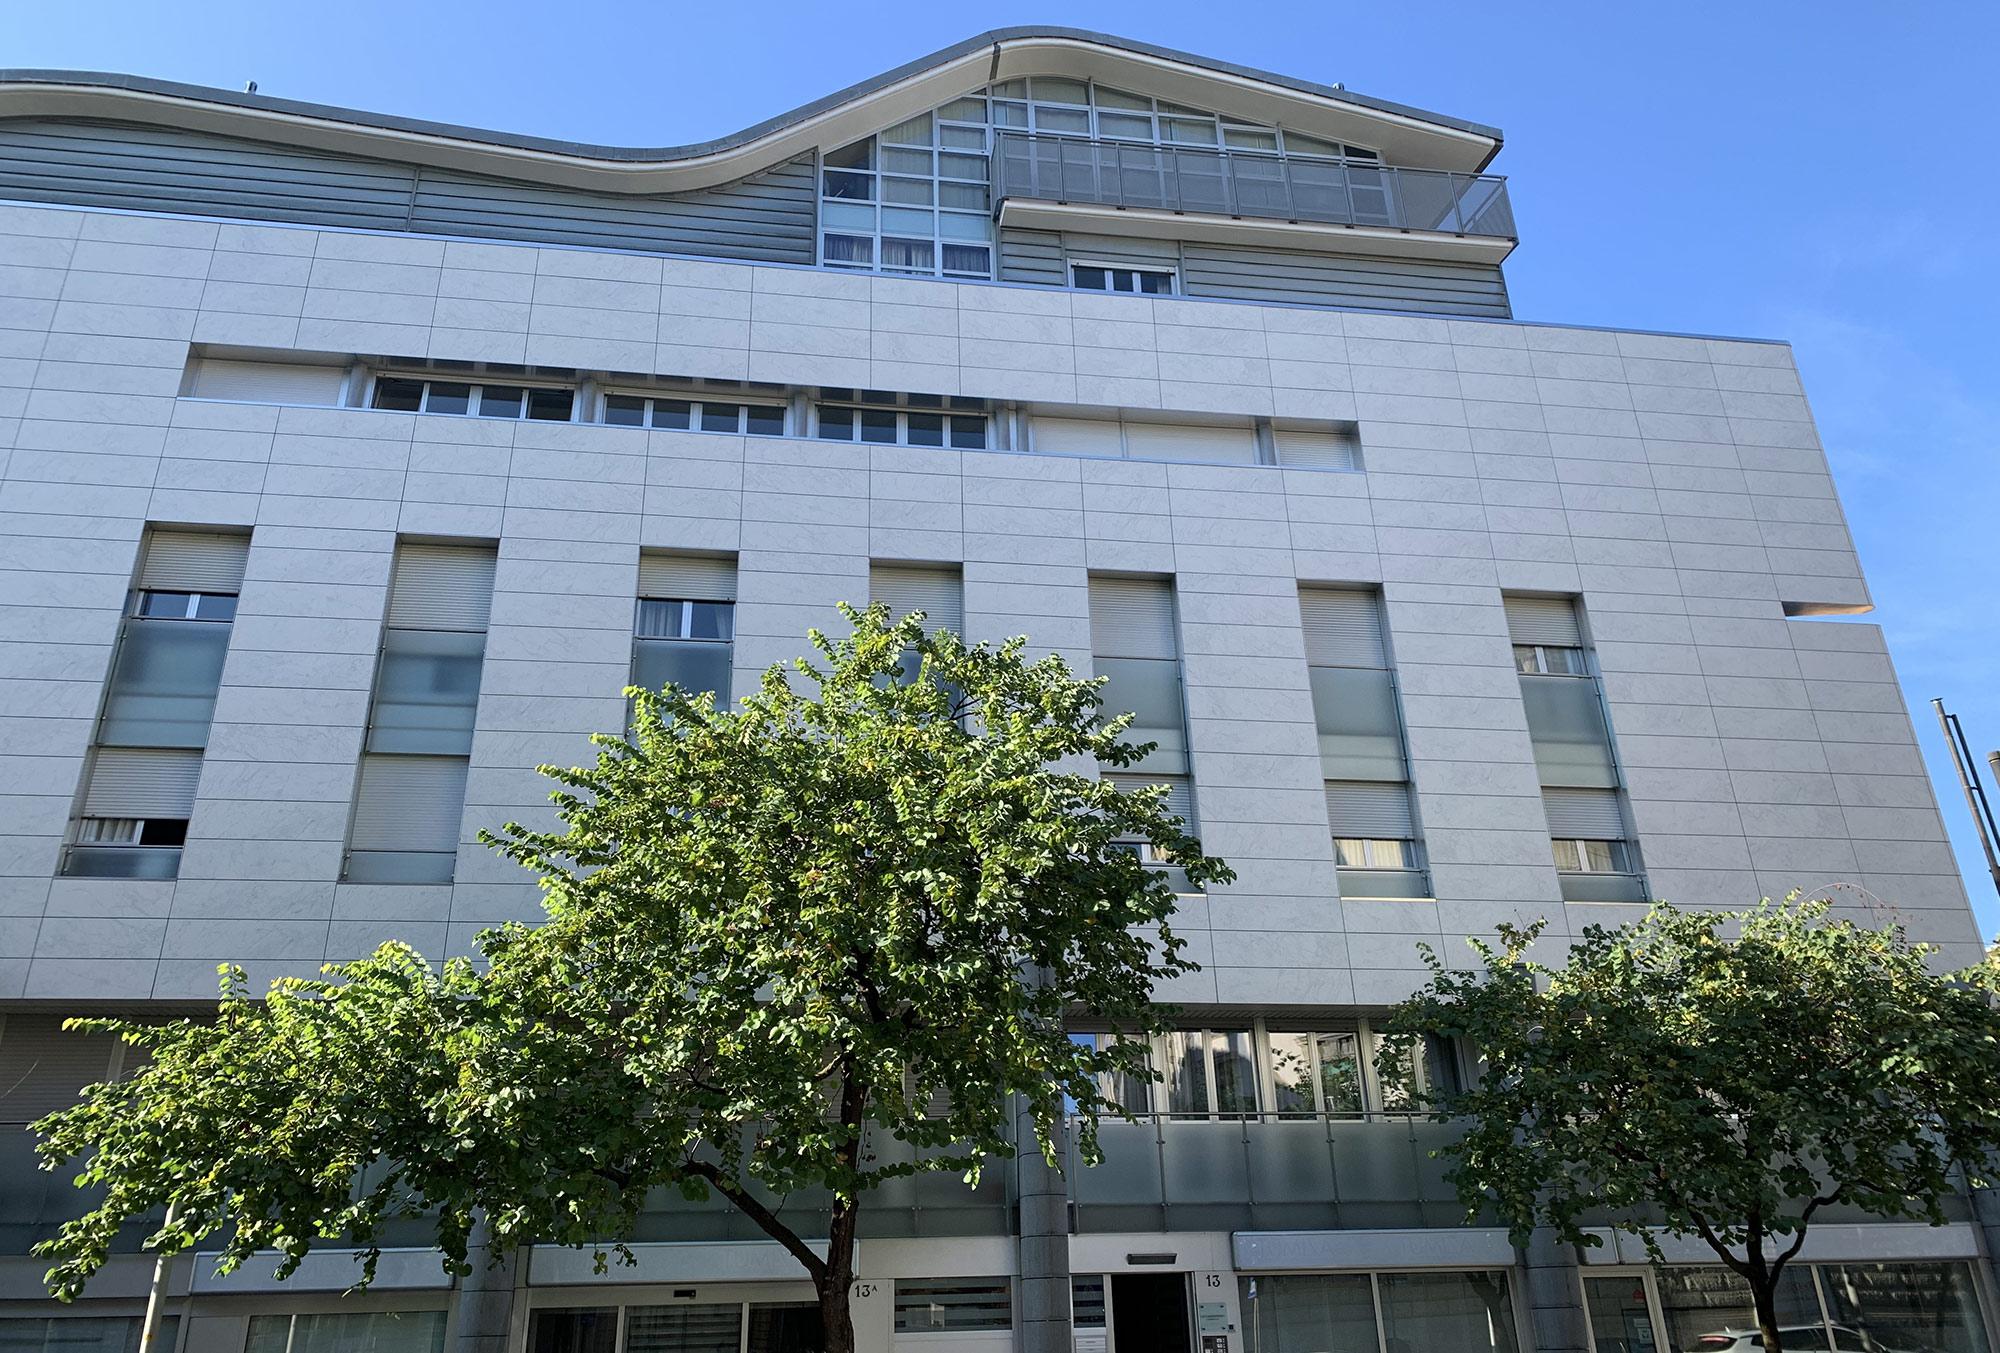 Condominio in Via Paglia a Bergamo, riqualificazione energetica